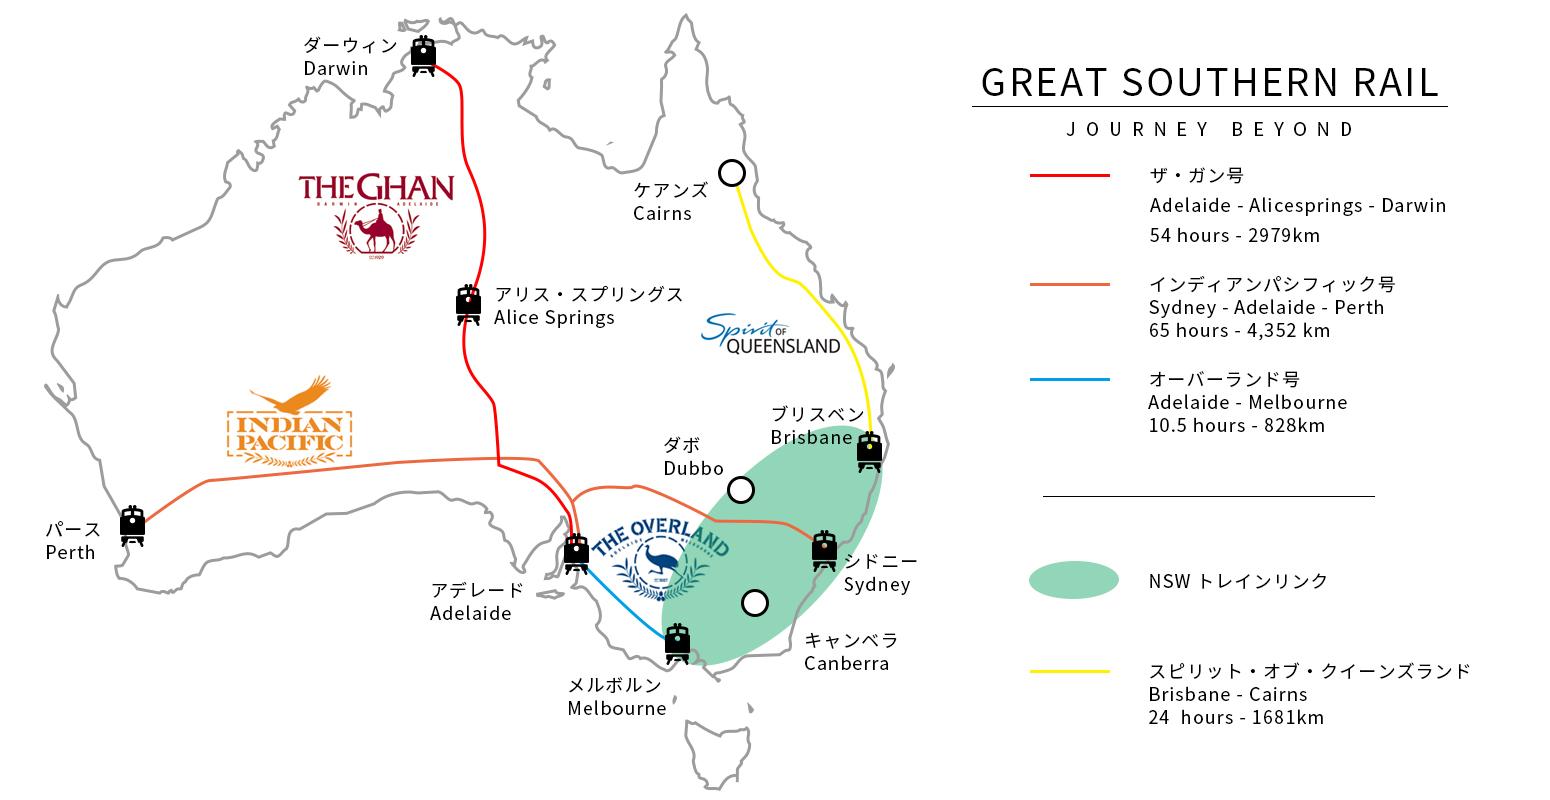 オーストラリアを鉄道で横断・縦断